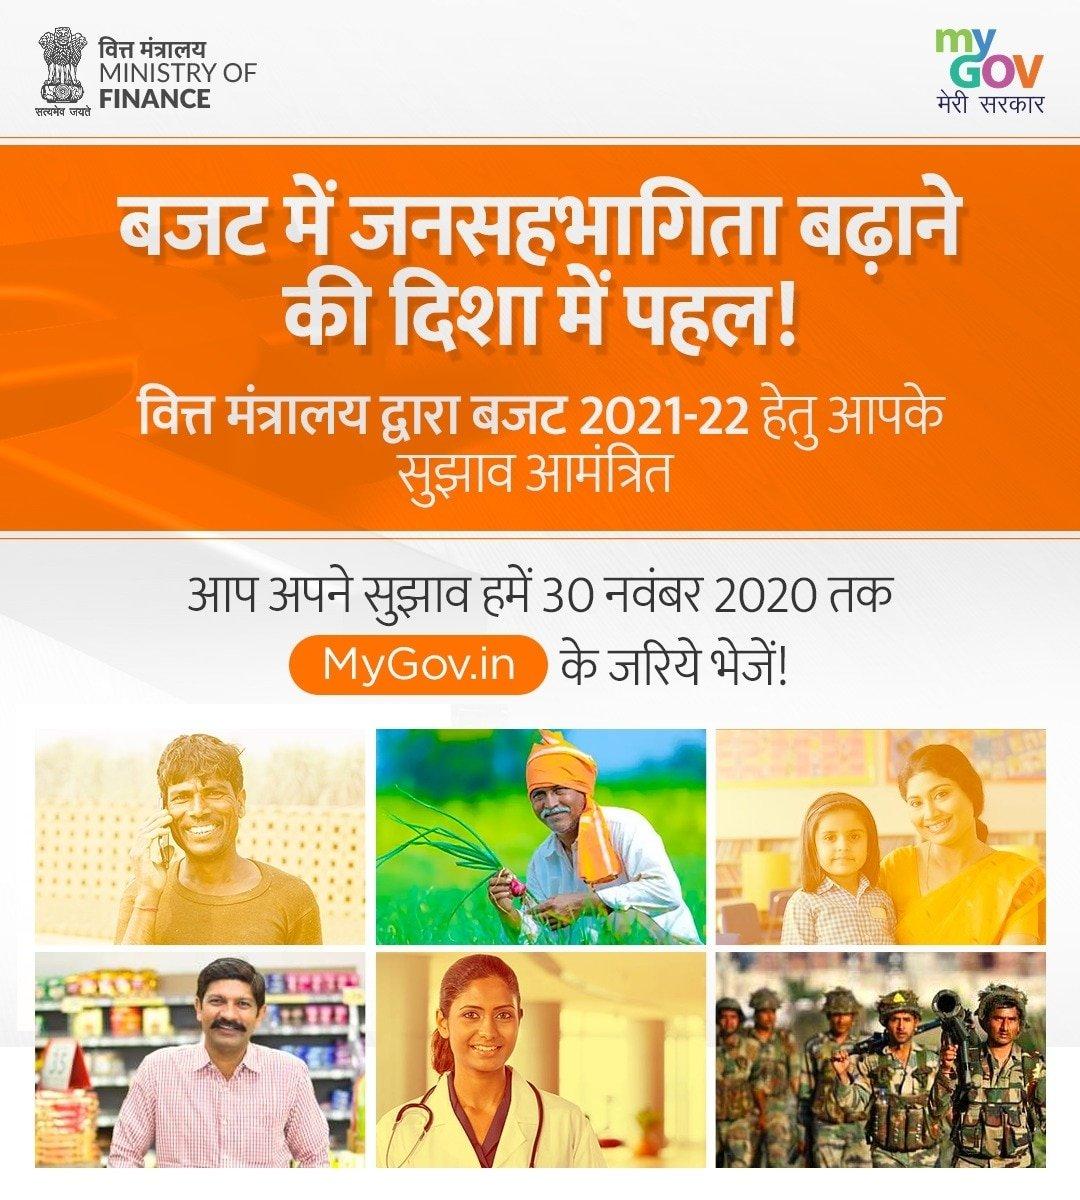 वित्त मंत्रालय ने केंद्रीय बजट 2021-22 के लिए आपके सुझाव आमंत्रित किए गए हैं। देश में विकास को बढ़ावा देने संबंधी यदि आपके पास कोई सुझाव है तो 30 नवंबर 2020 तक जरूर भेजें..  #TransformingIndia #AatmanirbharBharat  via MyNt